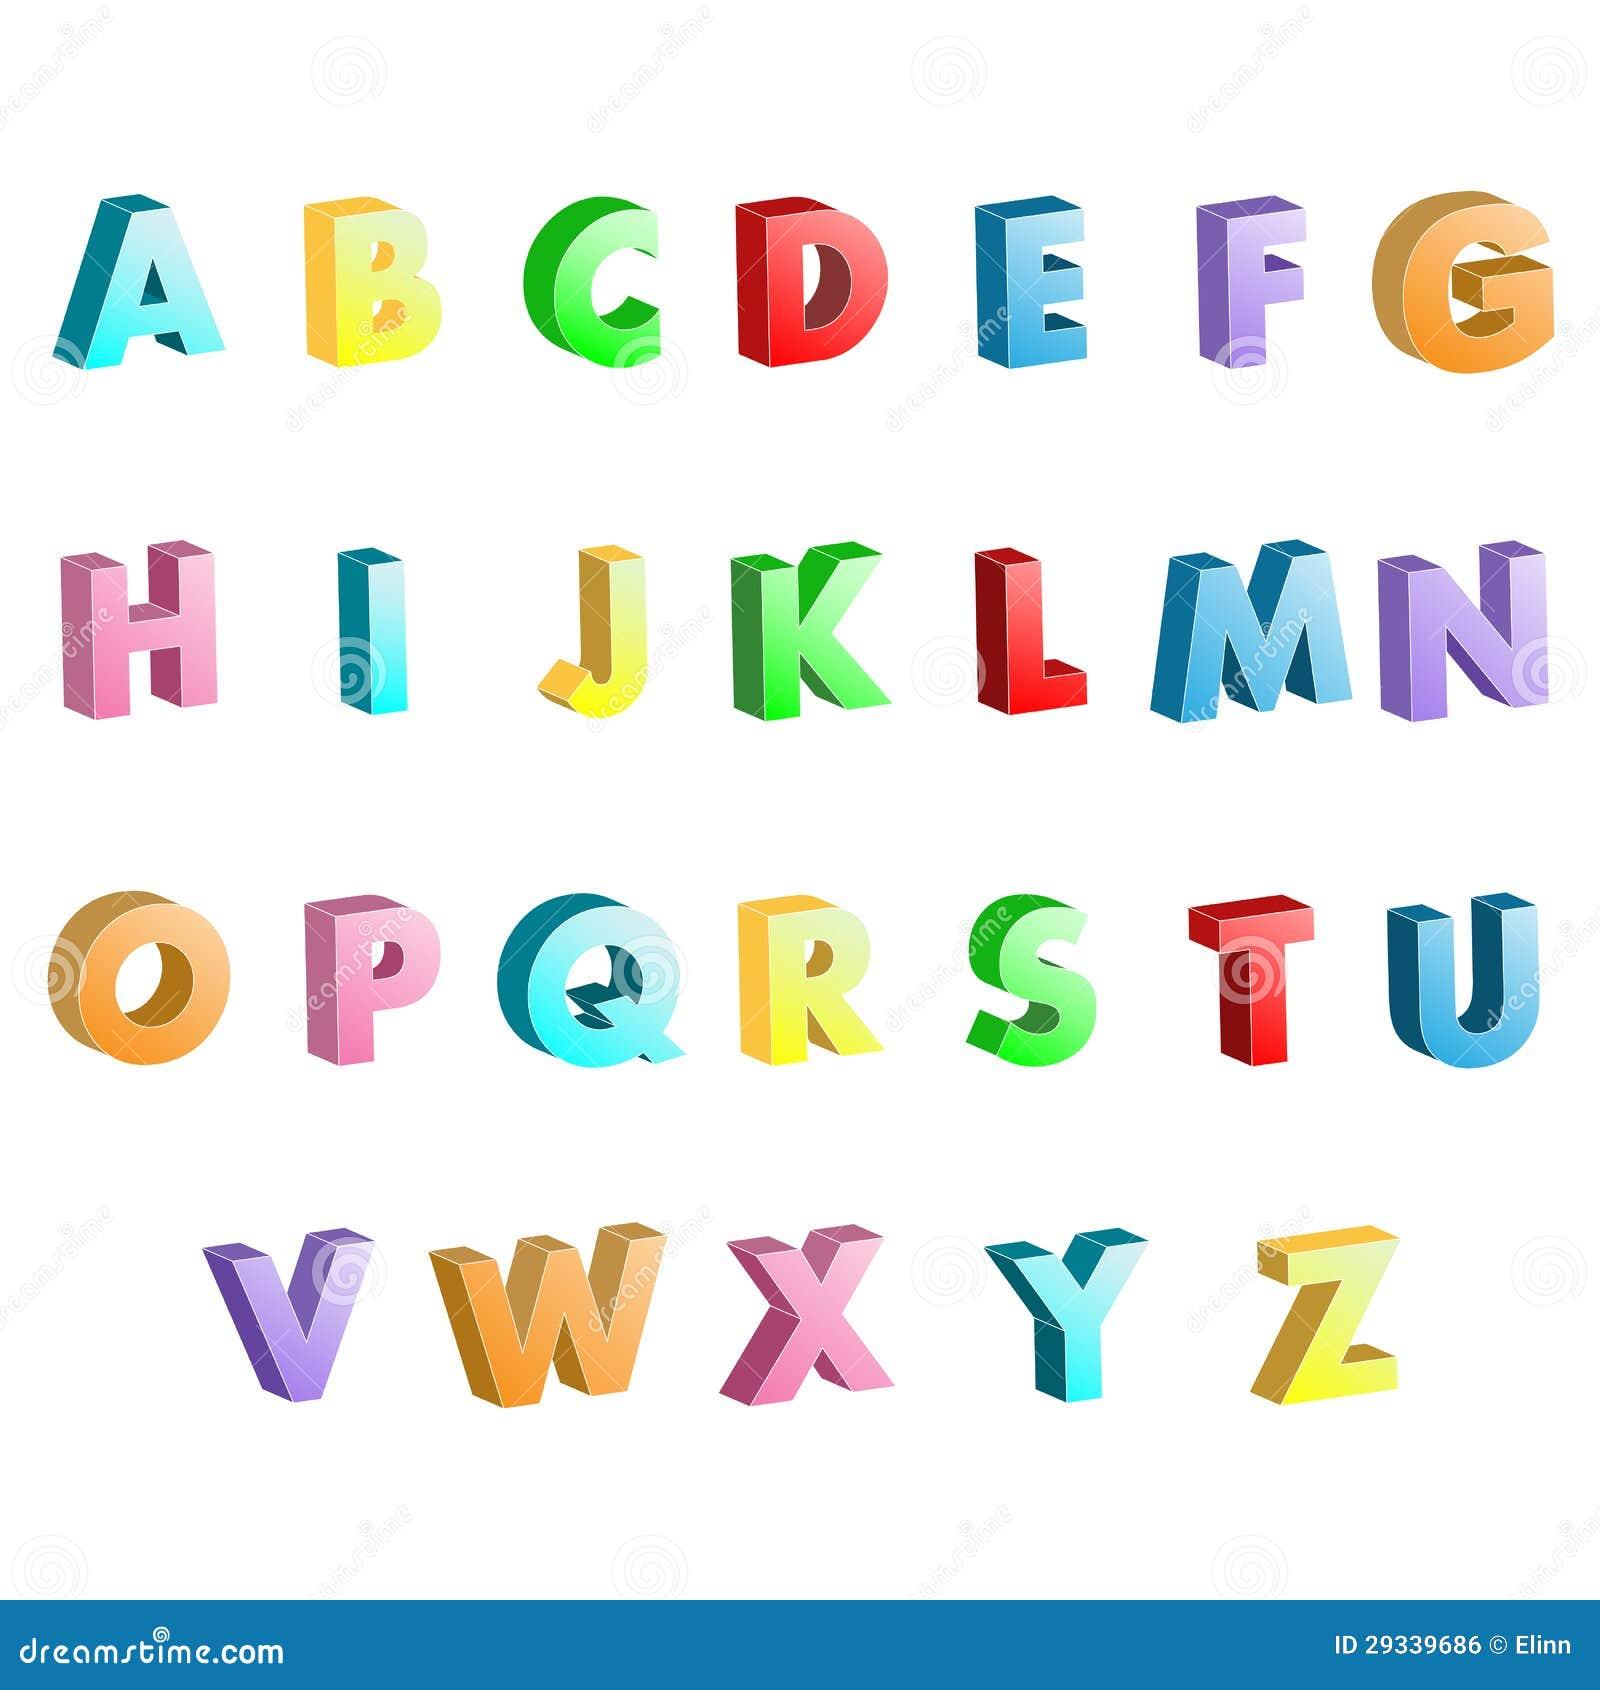 Colorful 3D Alphabet Letters